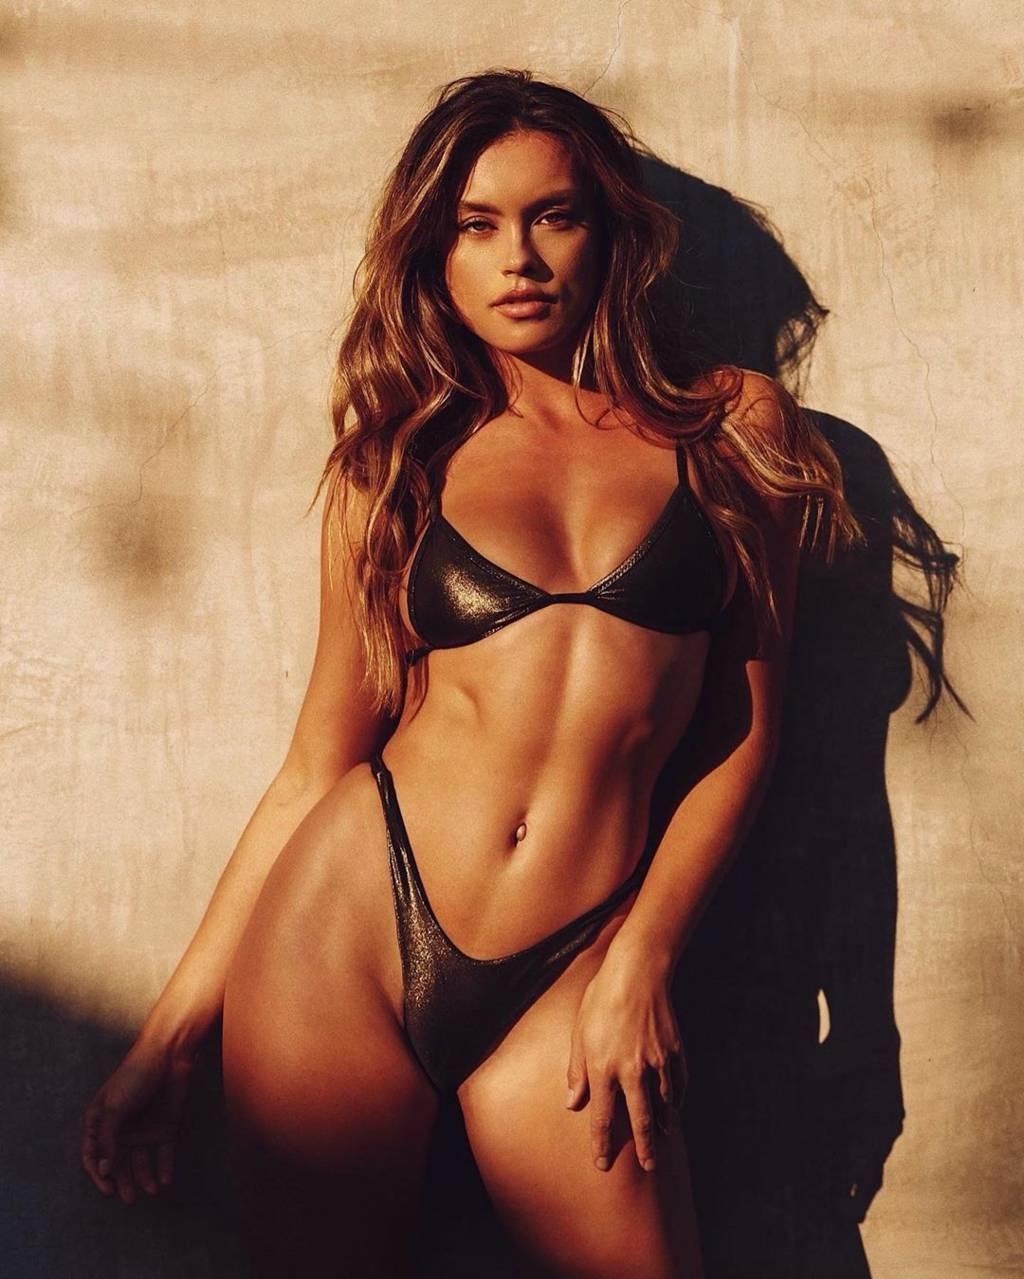 Fit-Naked-Girls-com-Cherokee-Luker-nude-15